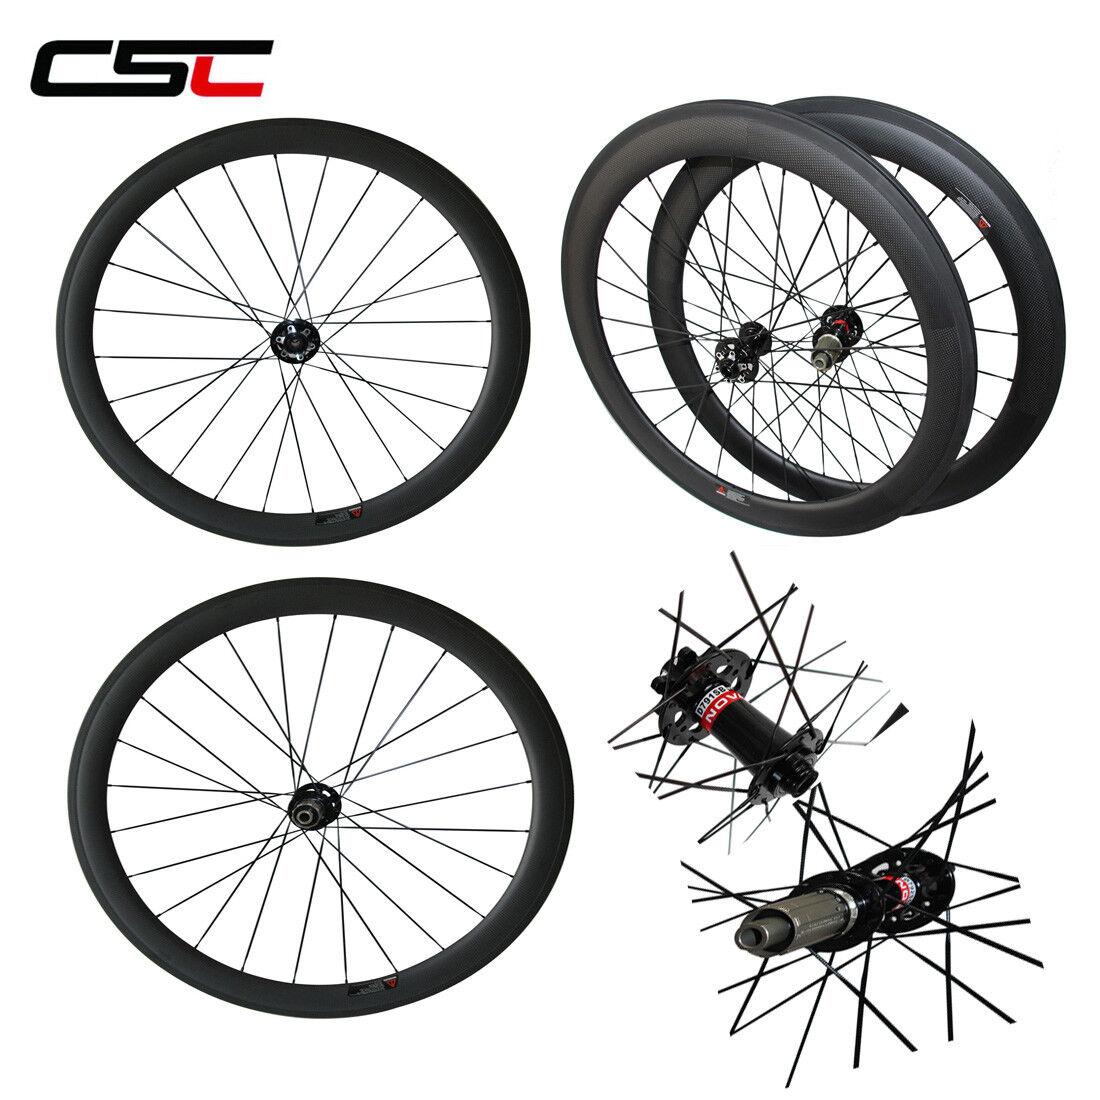 700C Carbon Cyclocross Road Disc Wheelset Novatec 38 50  60 88mm Clincher Tubular  best sale